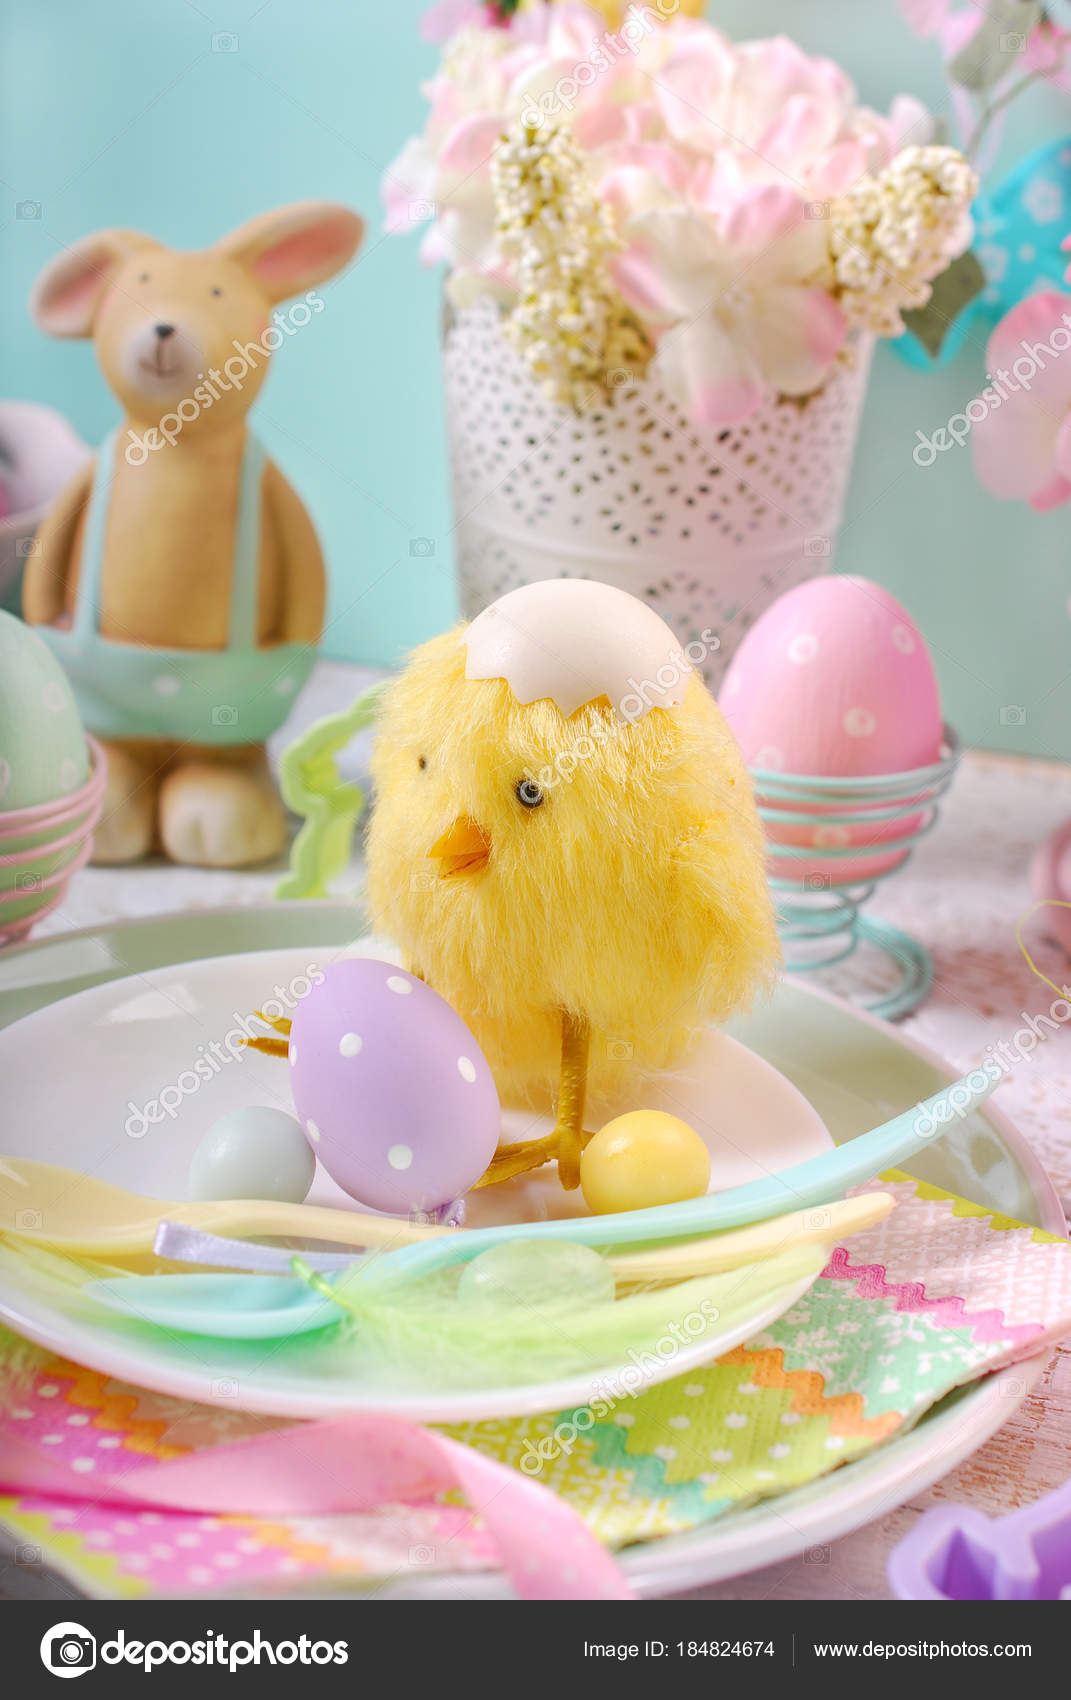 Ostern Tischdekoration Fur Kinder In Pastell Farben Stockfoto